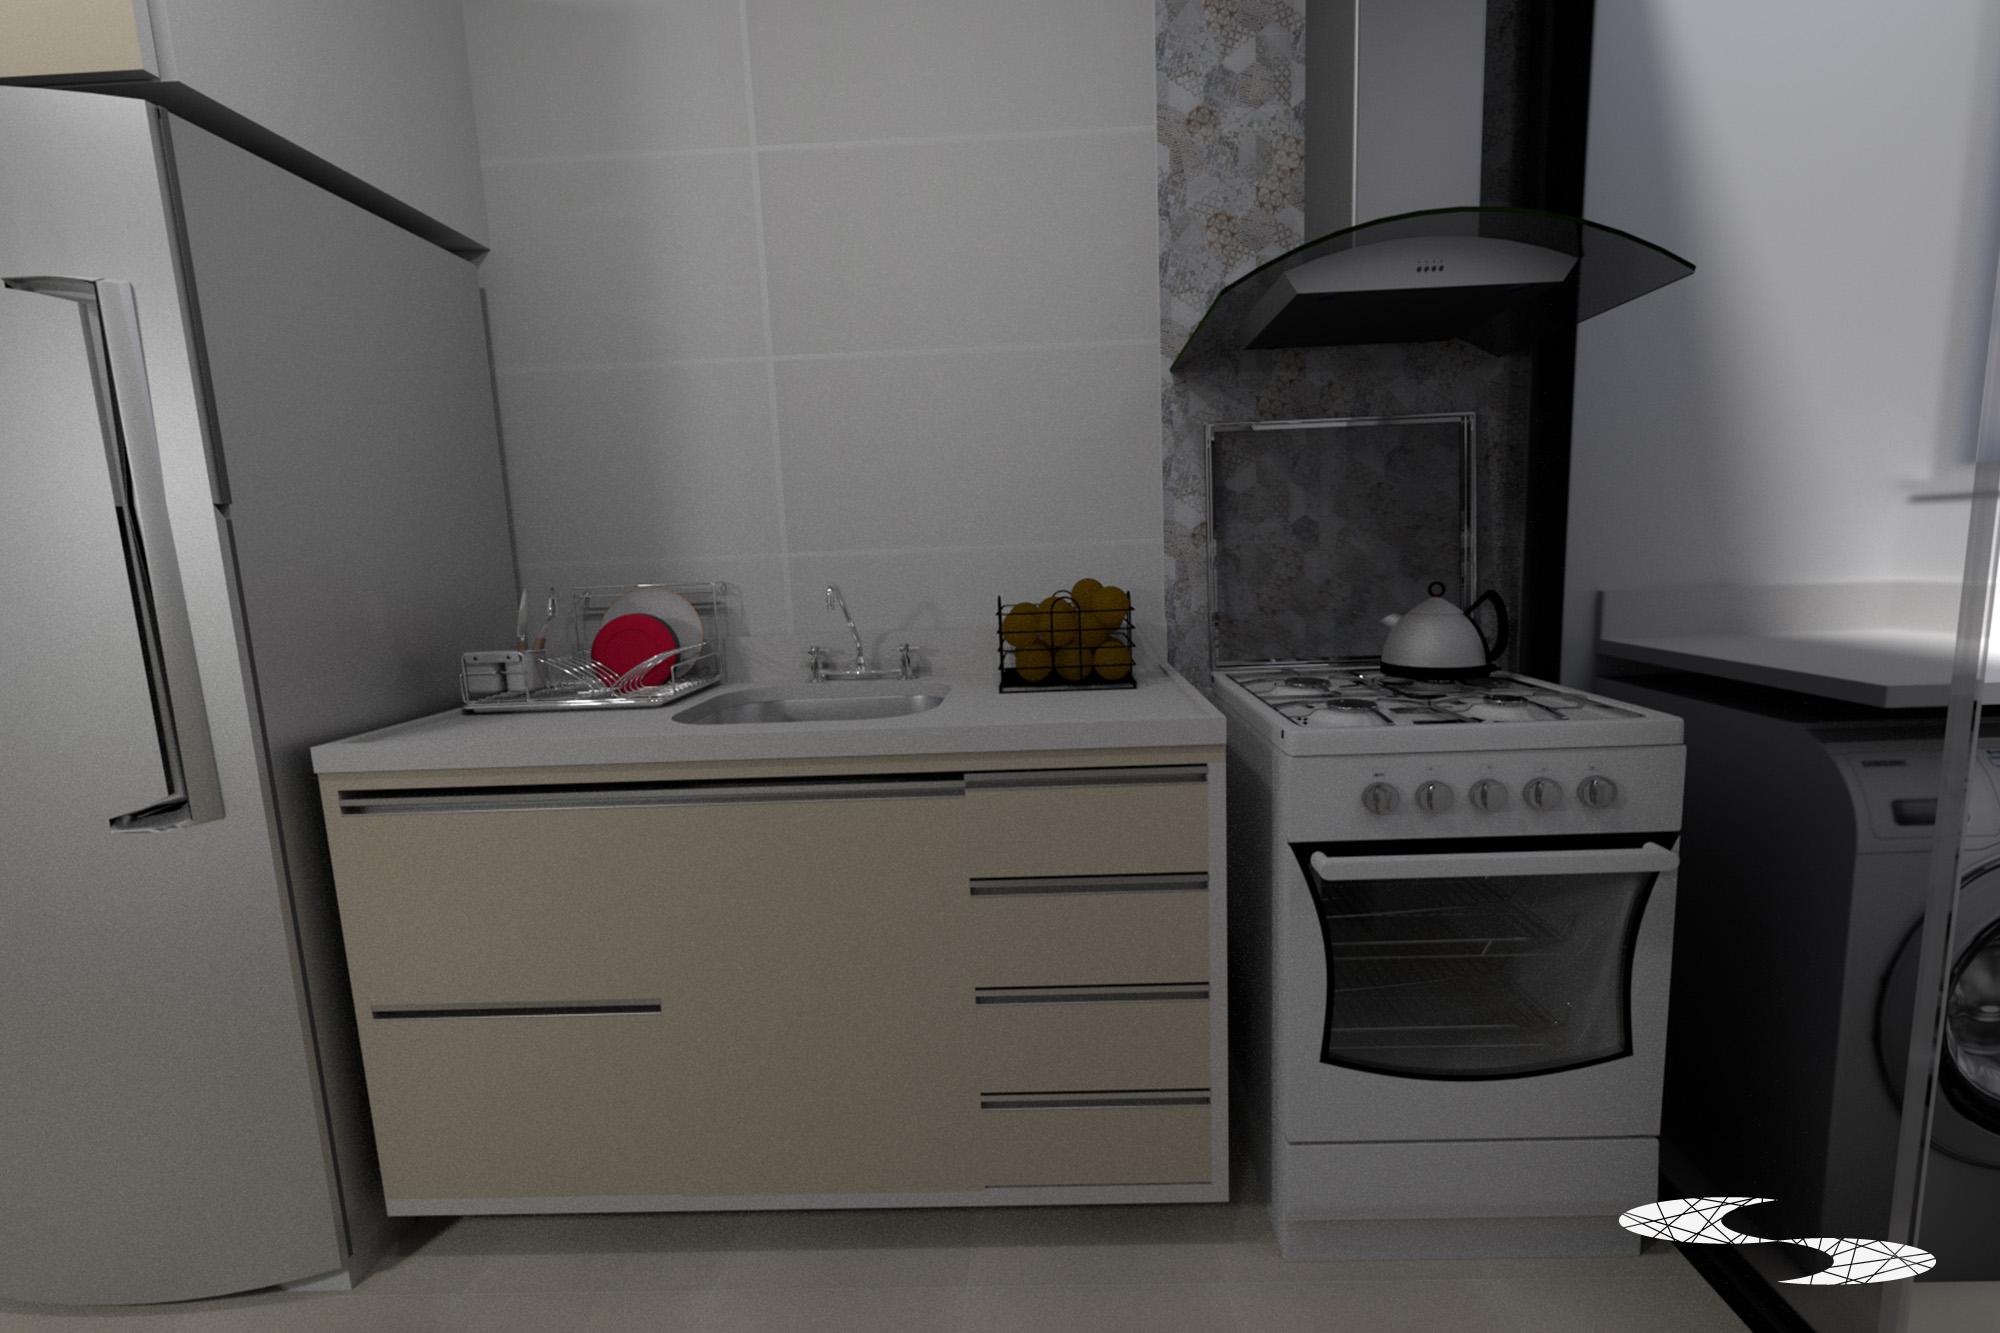 cozinha ideia 01